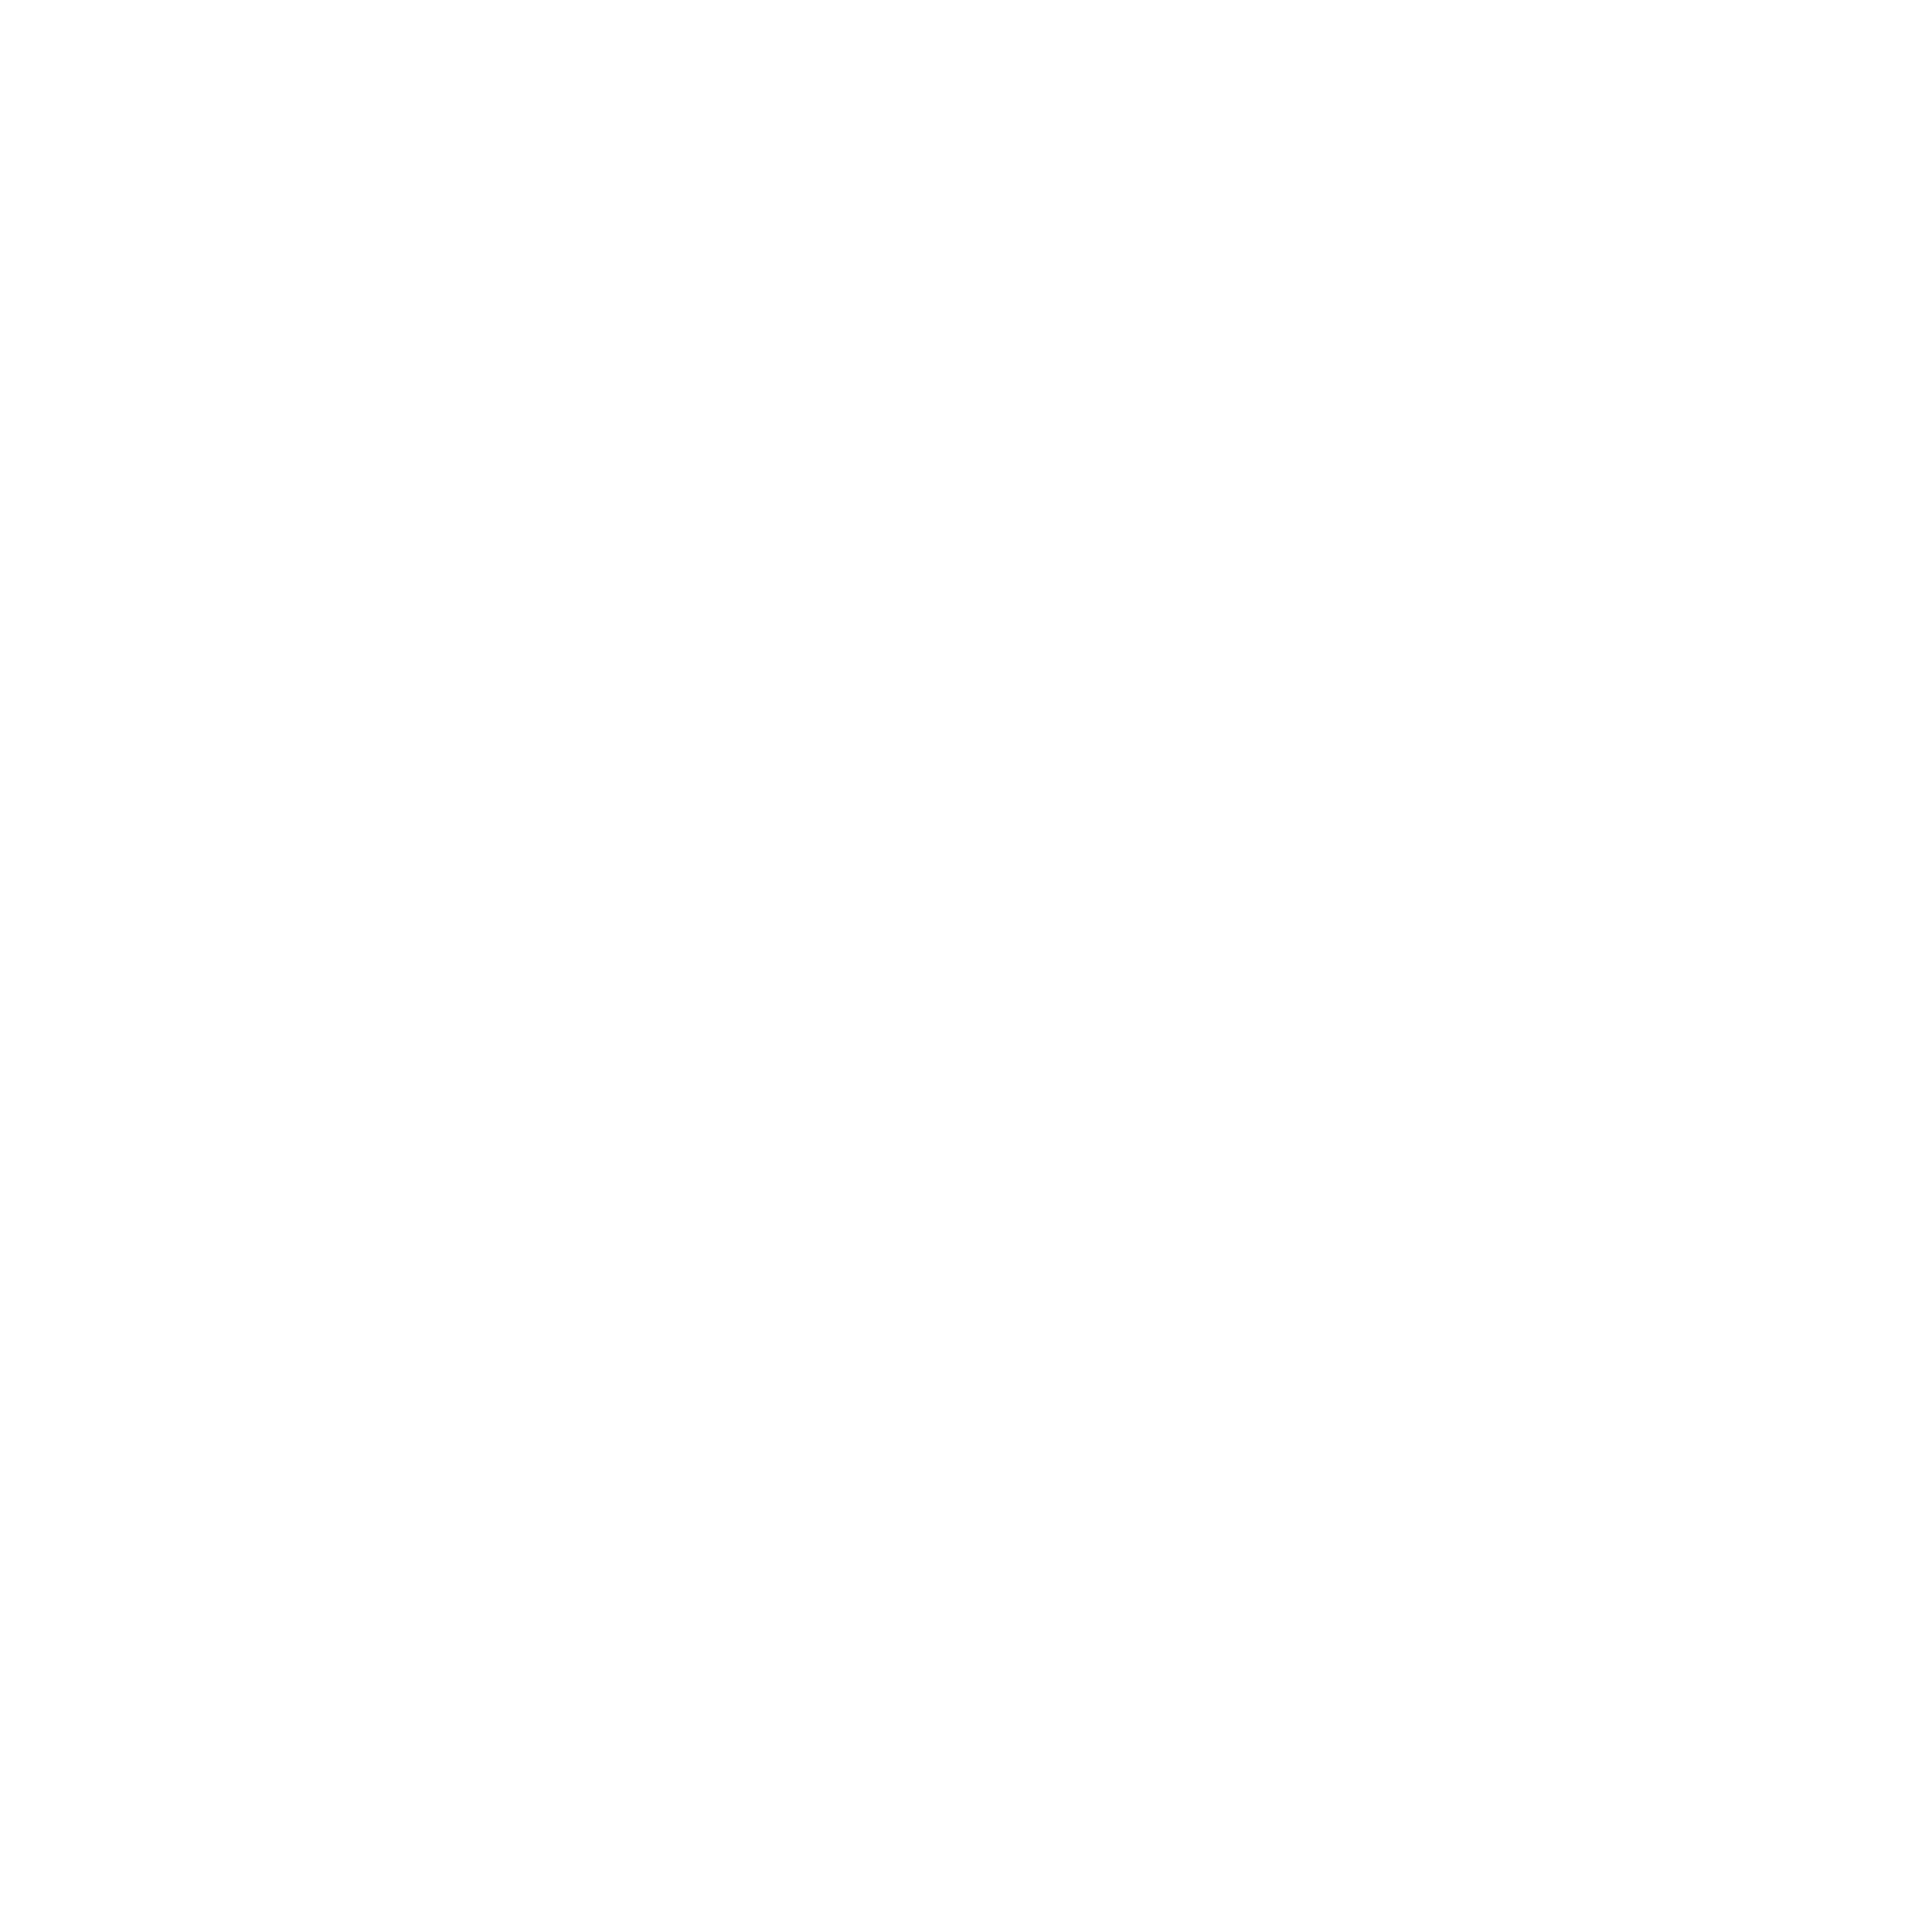 DP白底logo